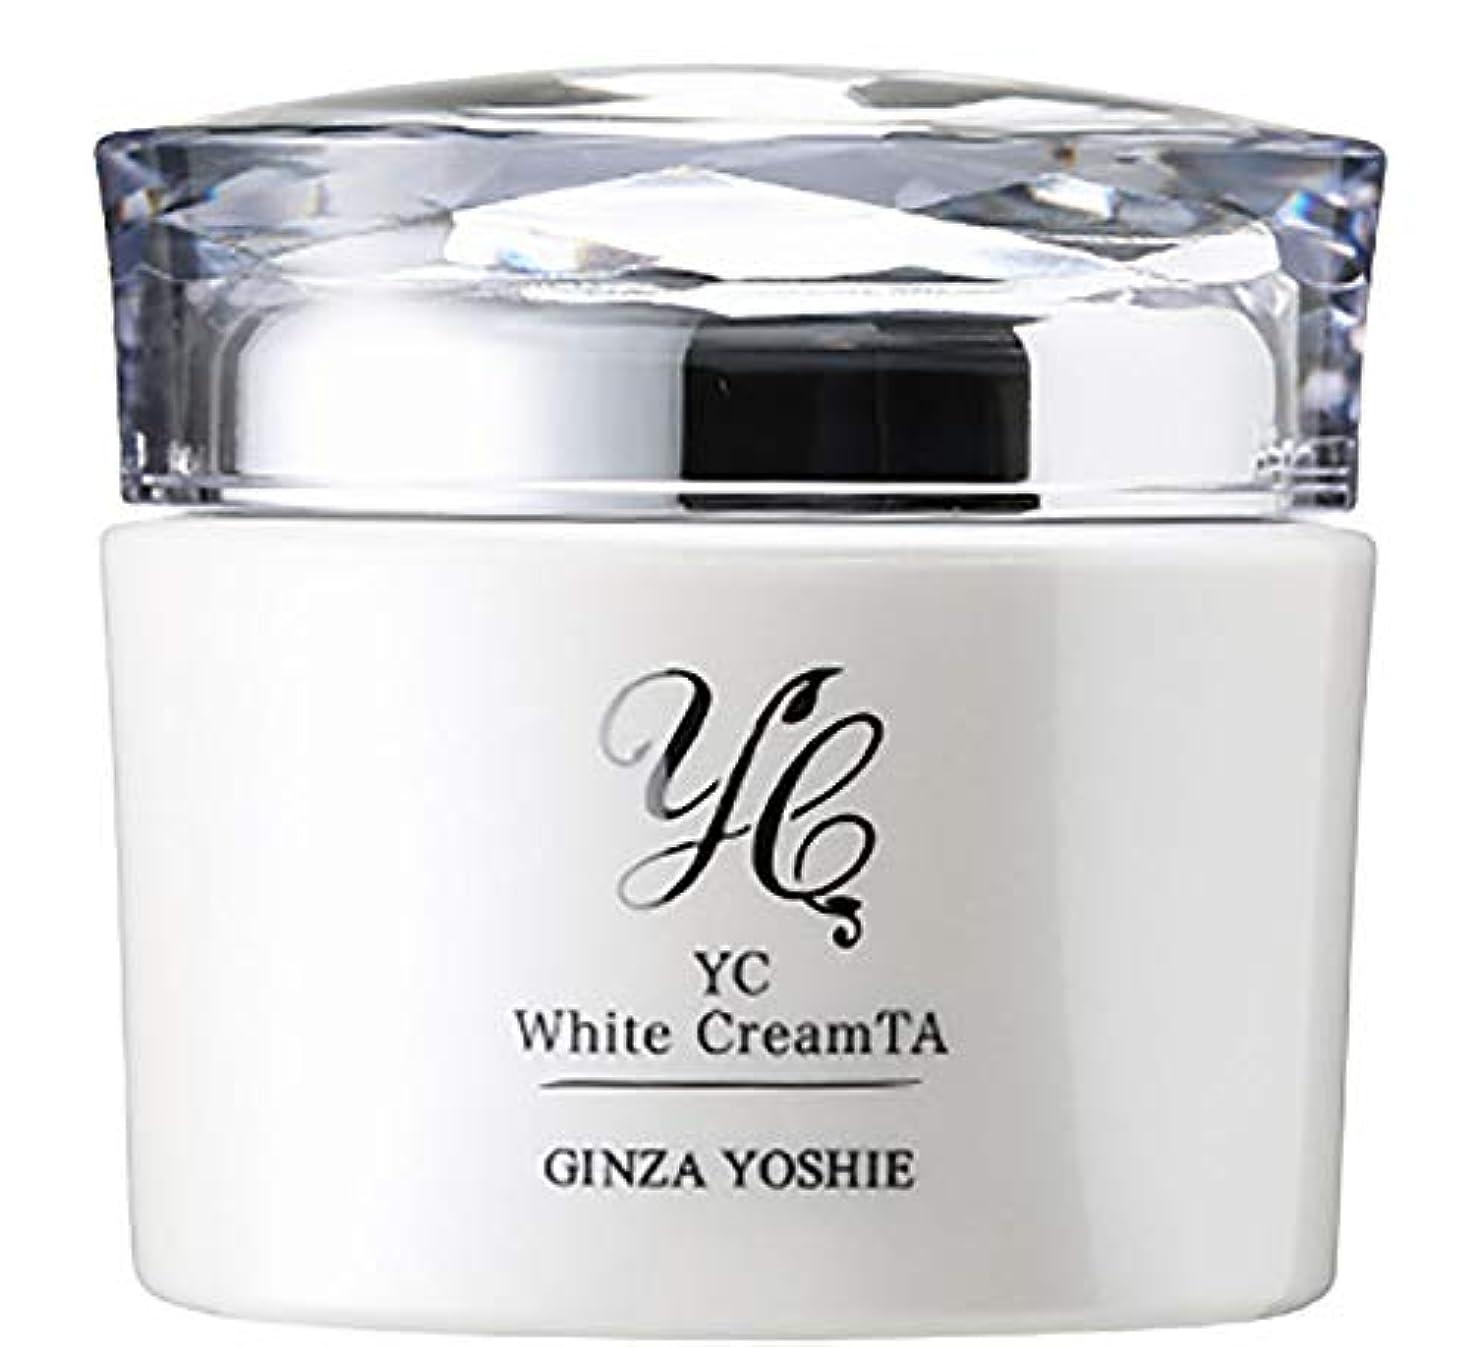 くさびお風呂を持っている真夜中YC薬用ホワイトクリームTA 50g(銀座よしえクリニック院長監修/ドクターズコスメYC)